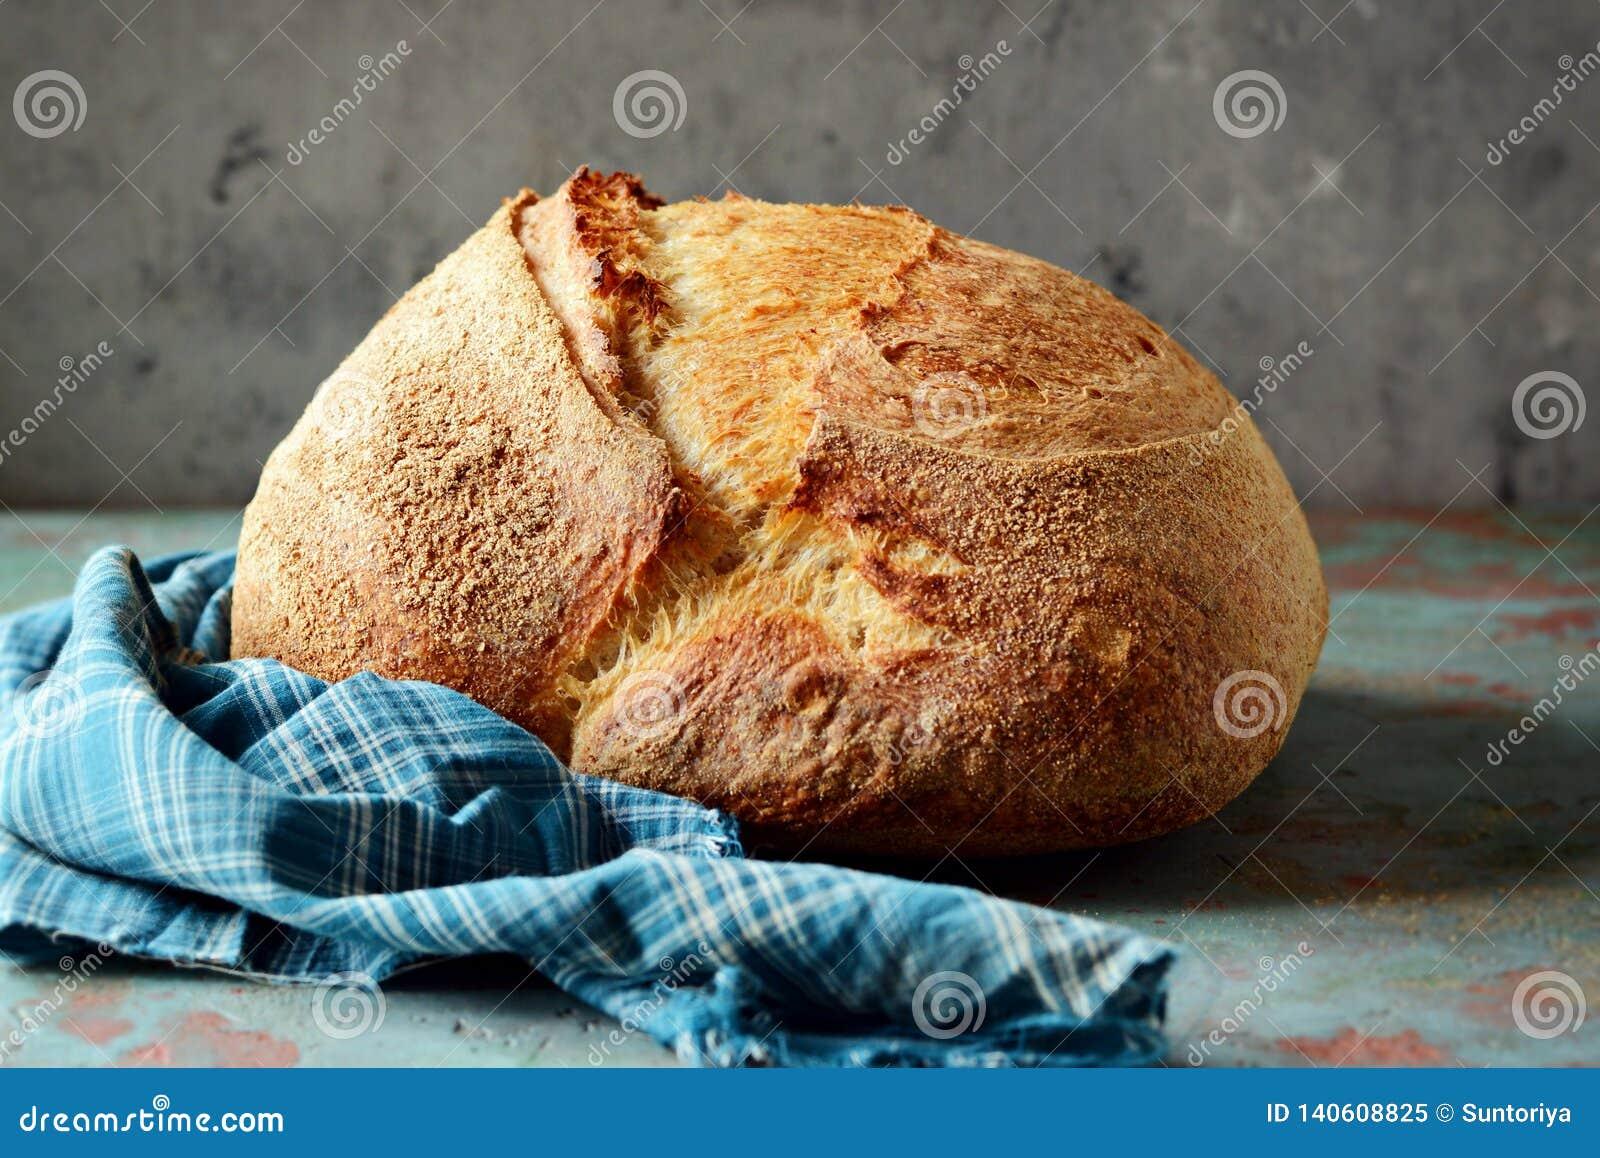 Pan recientemente cocido hecho en casa del país hecho de trigo y de harina entera del grano en un fondo gris-azul